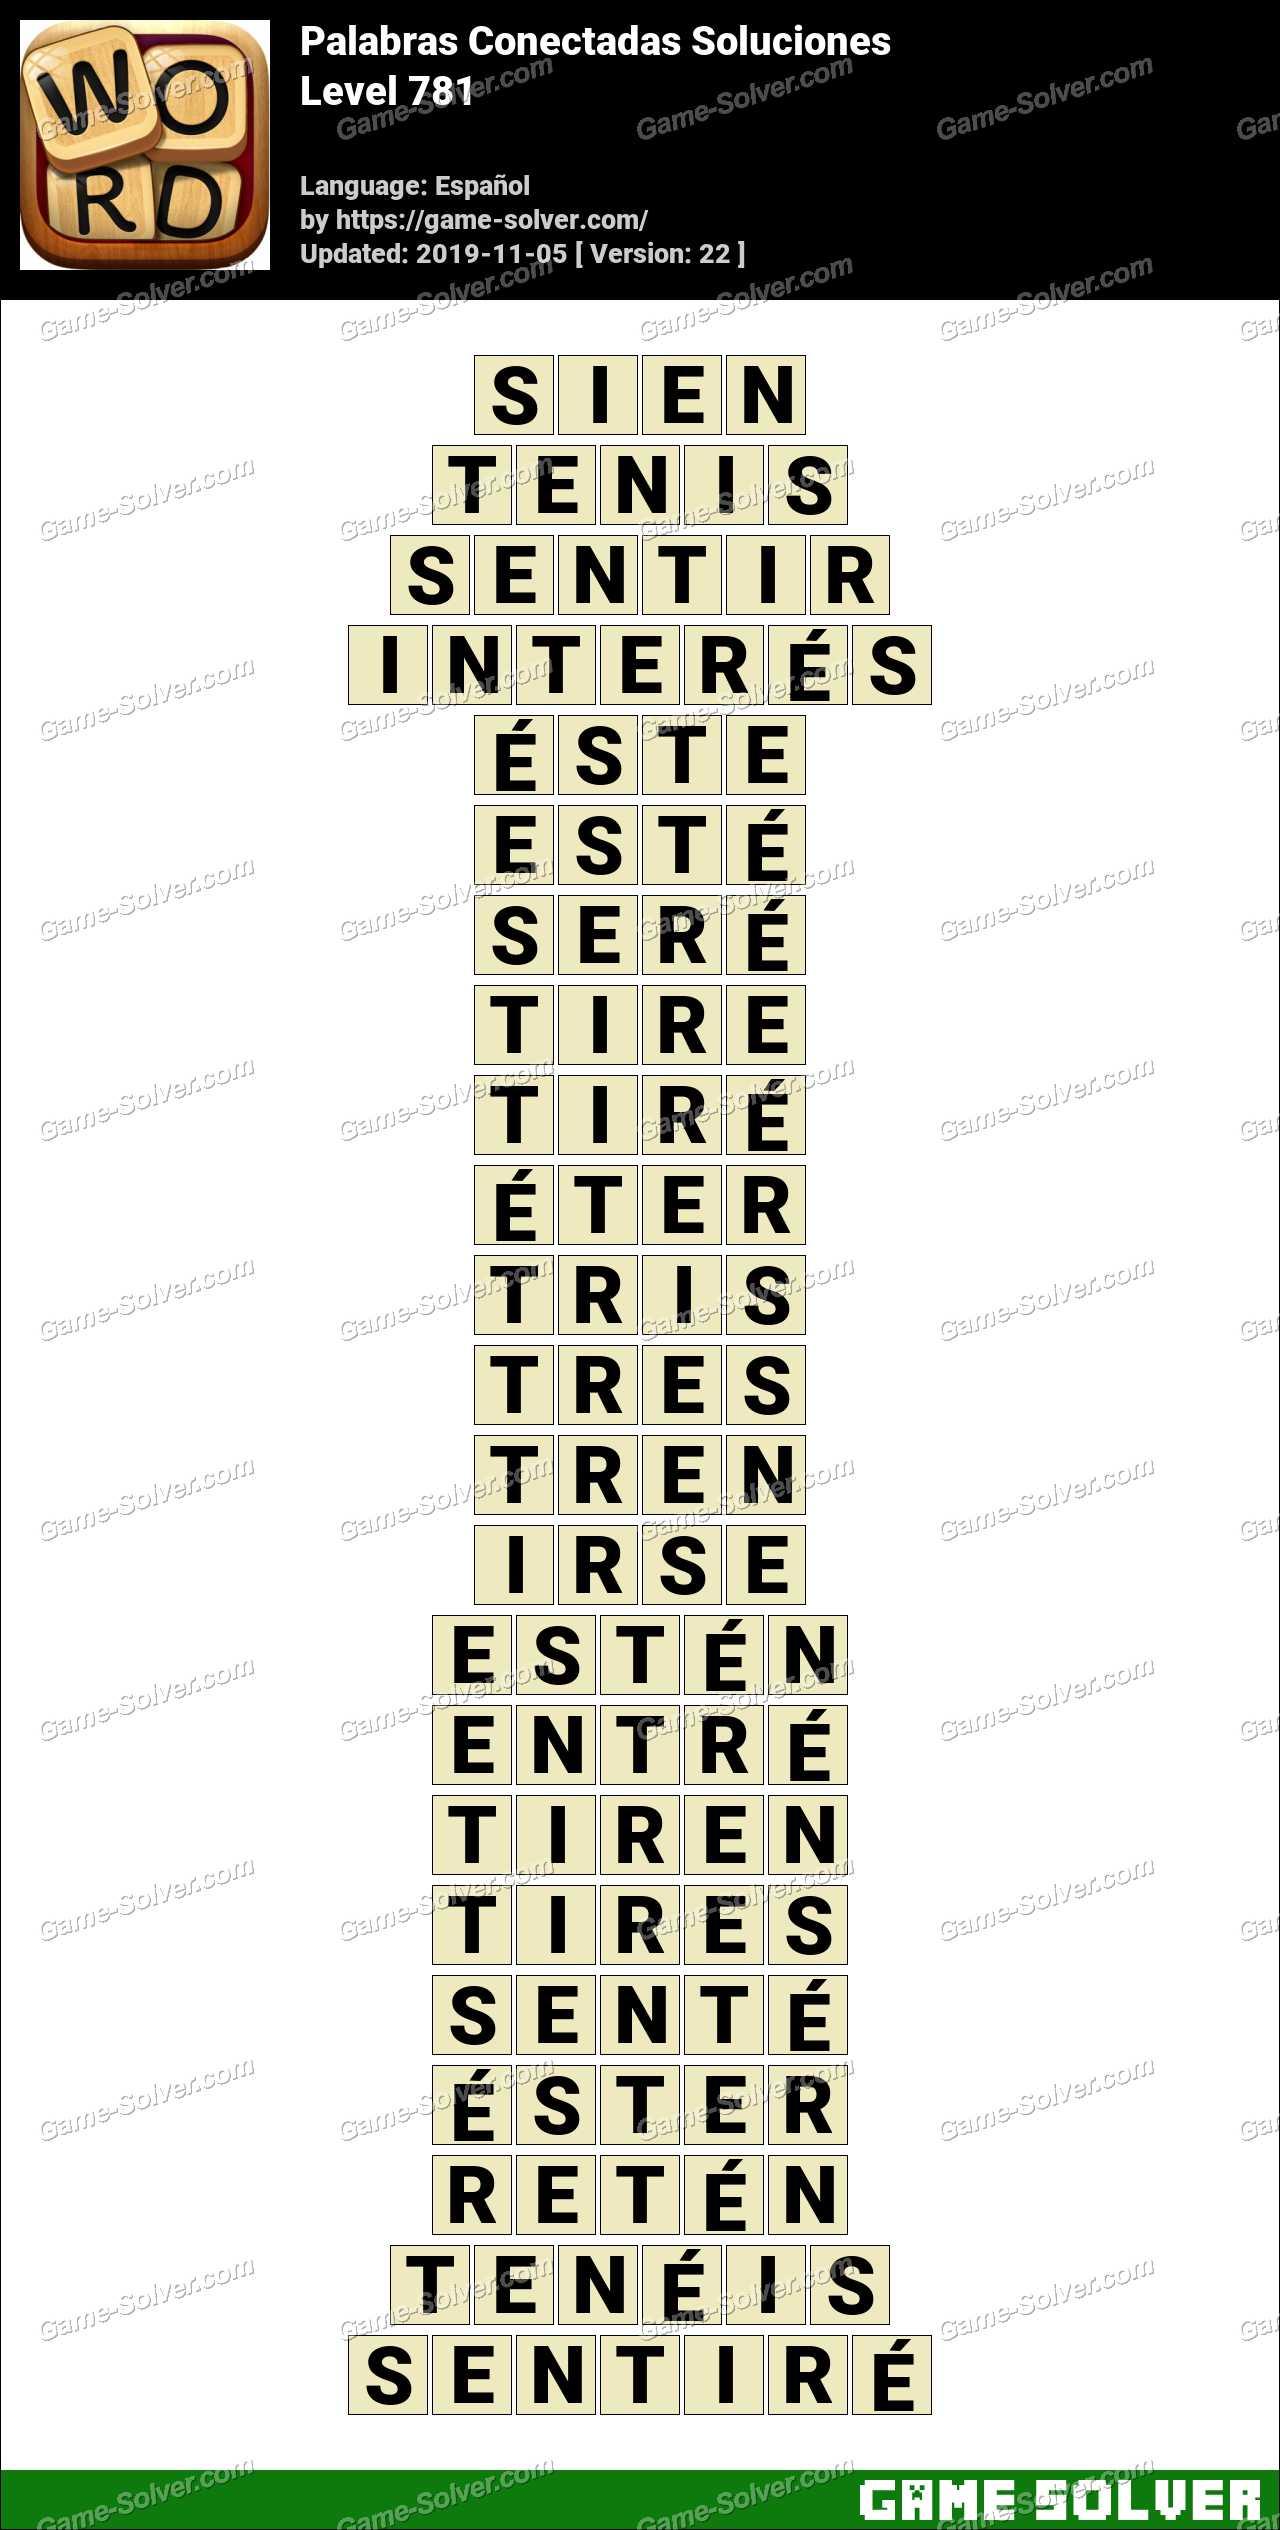 Palabras Conectadas Nivel 781 Soluciones